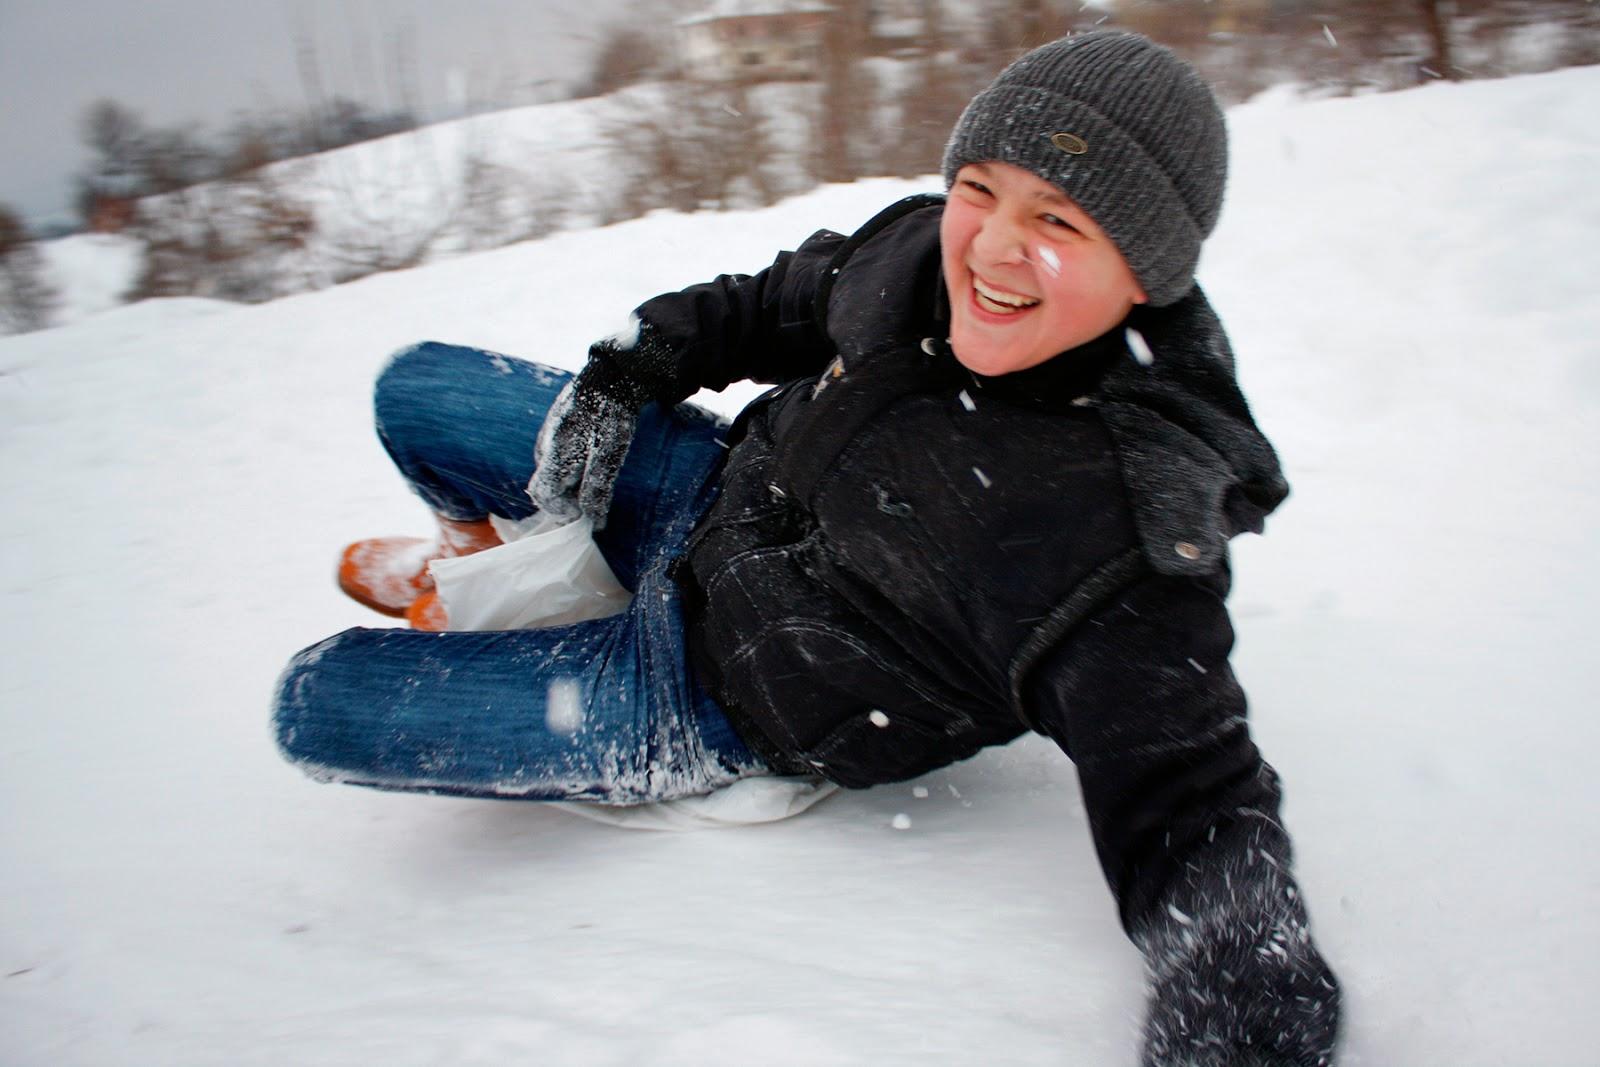 Sugören'de Kış - Karda Kayan Çocuklar-6